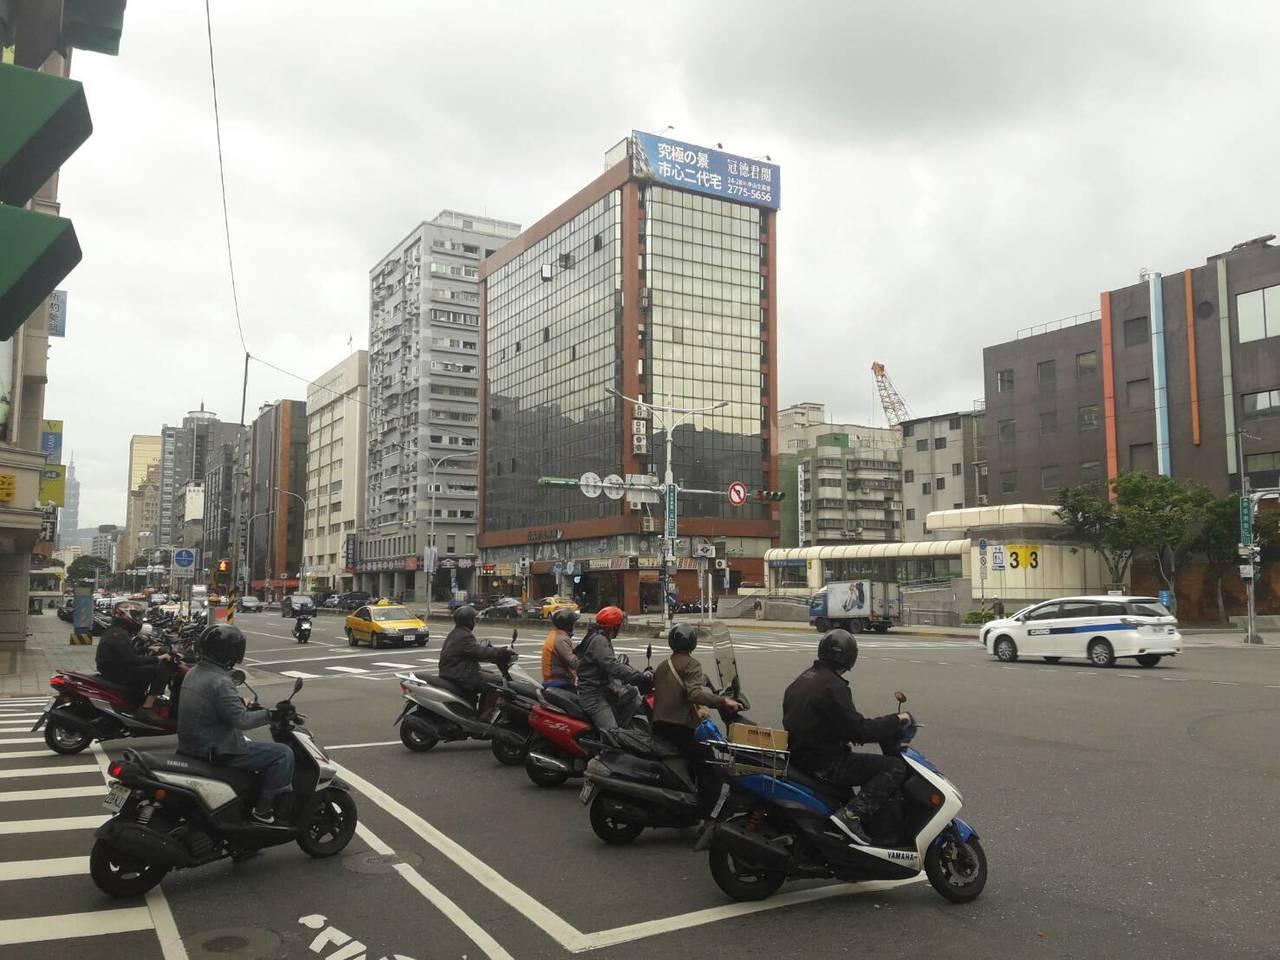 有網路社團發起抗議機車兩段式左轉活動,警政署提醒別違規。記者陳金松/攝影